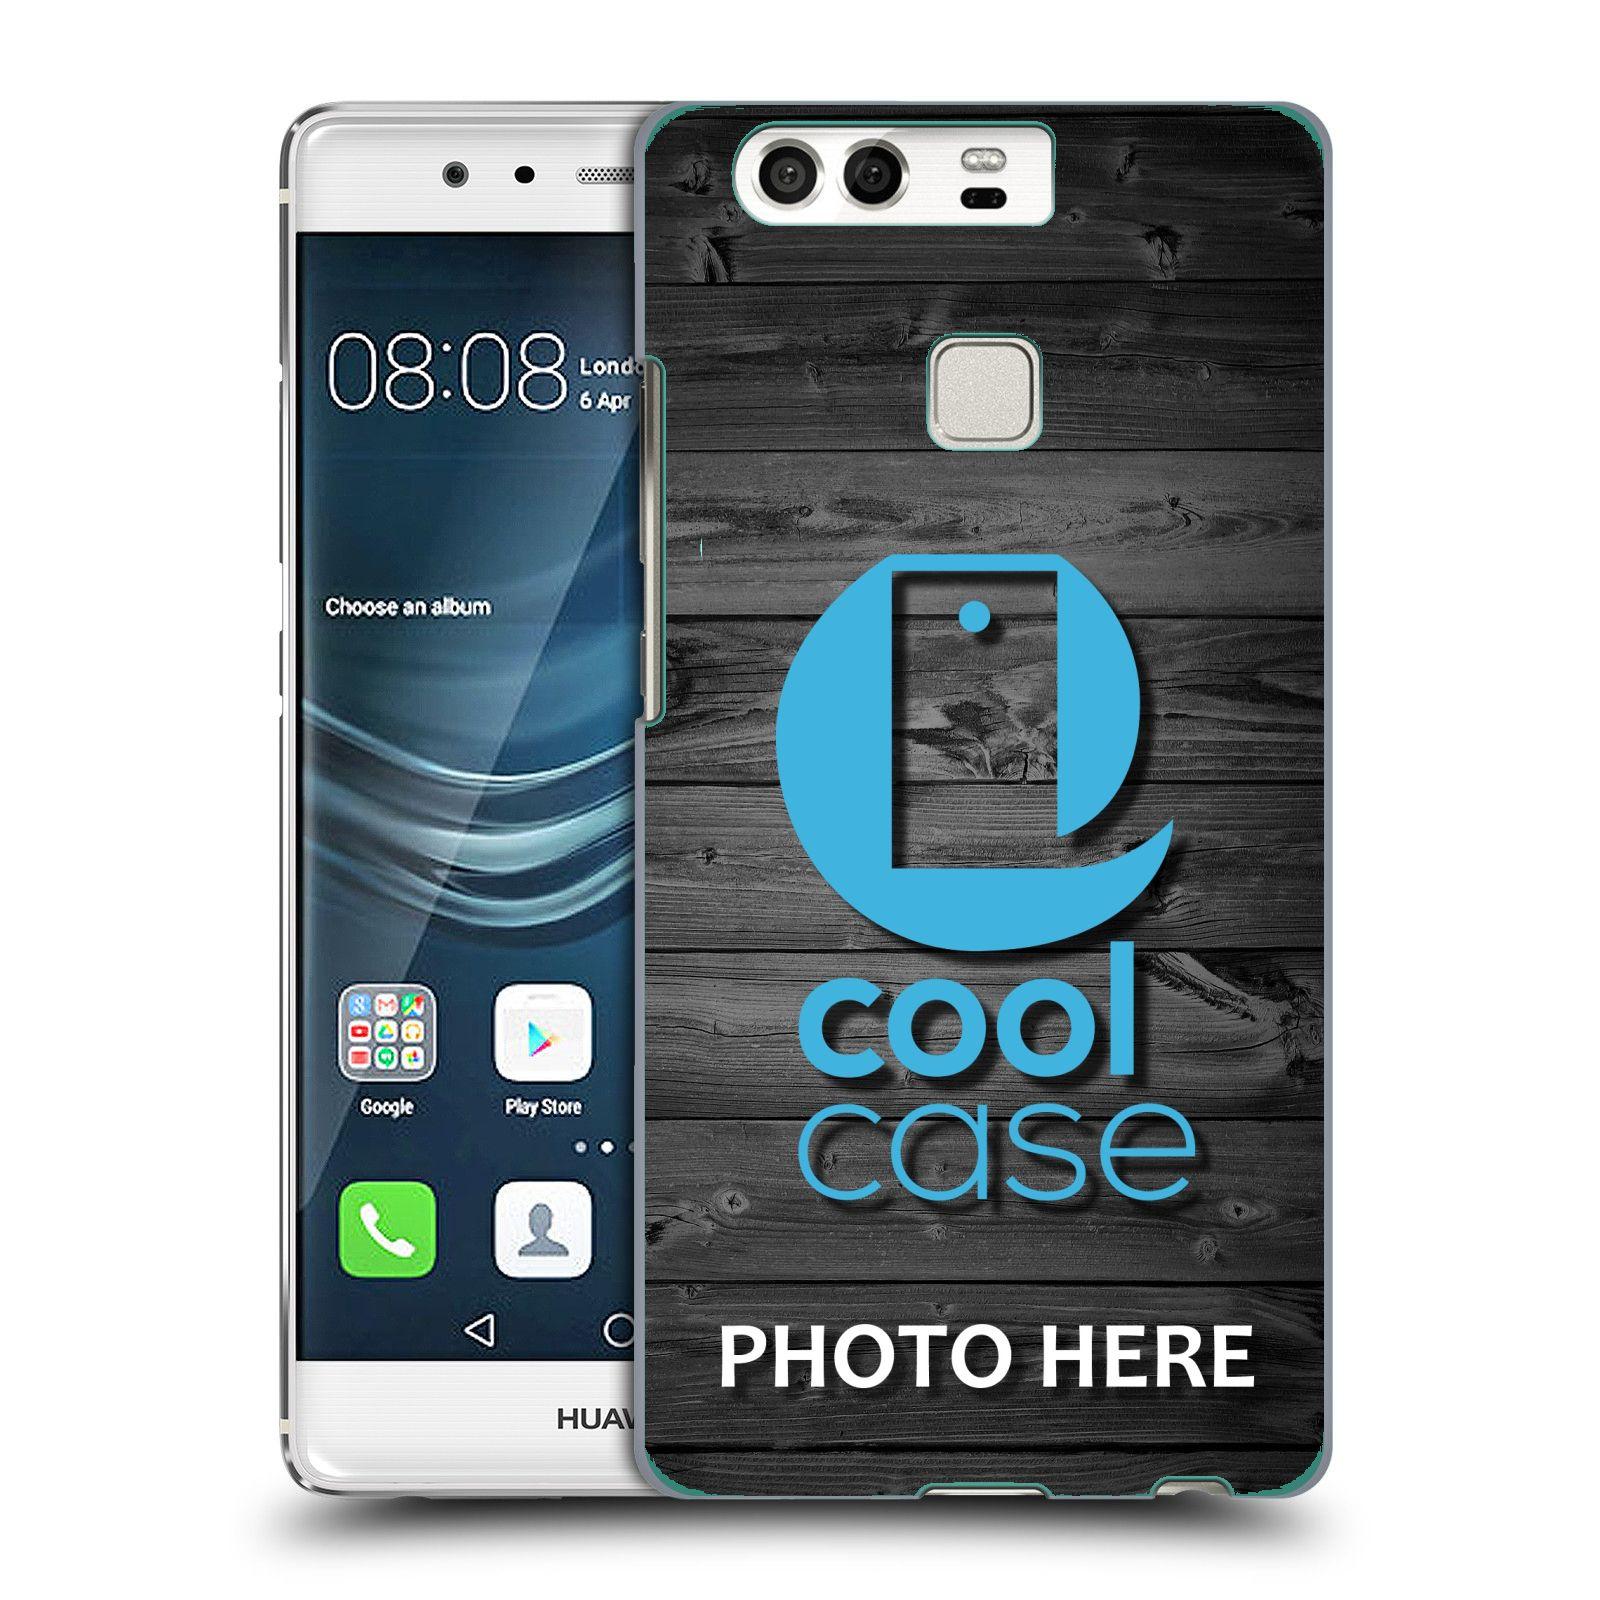 Silikonové pouzdro na mobil Huawei P9 s vlastním motivem (Silikonový kryt či obal s vlastní fotografií na mobilní telefon Huawei P9)